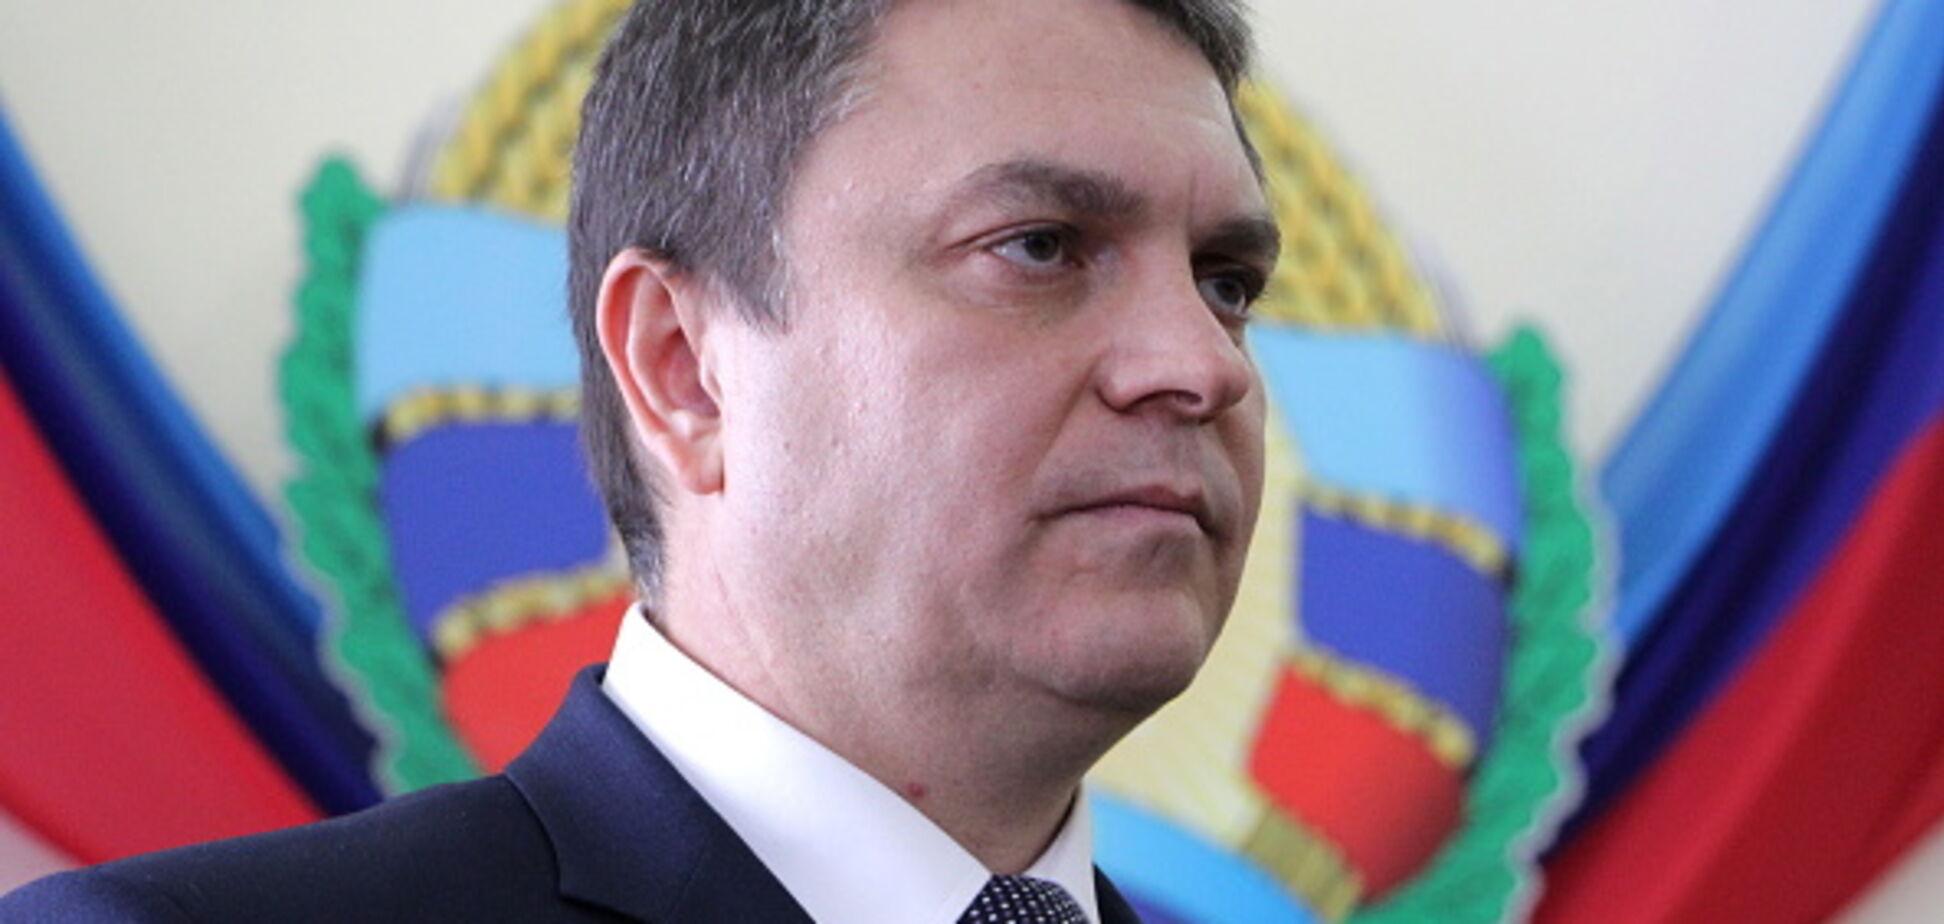 Разрешение конфликта на Донбассе: СММ ОБСЕ сделала предложение новому главарю 'ЛНР'